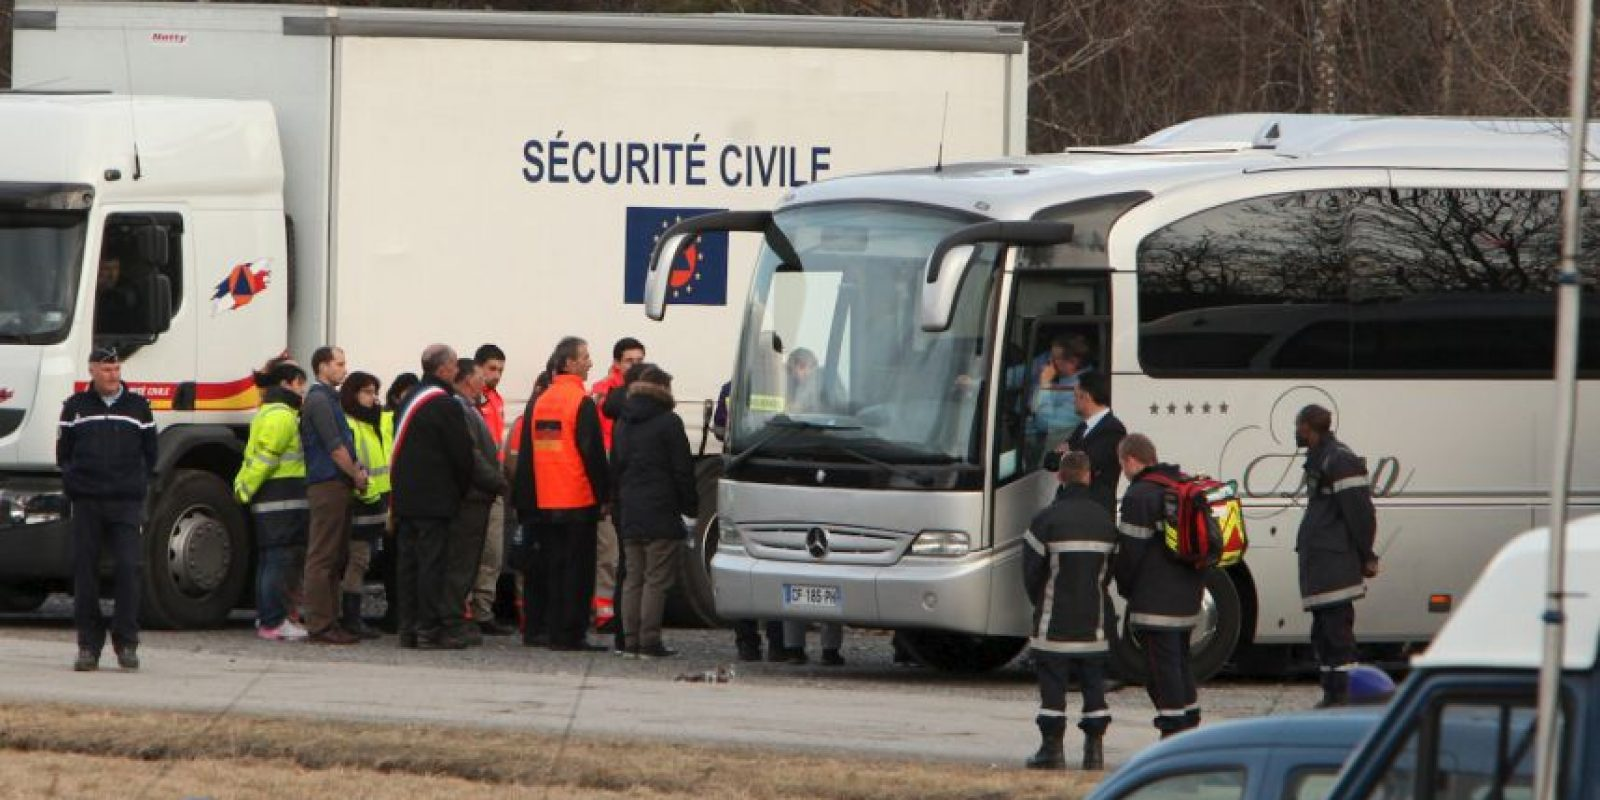 En el avión volaban 144 pasejeros y seis tripulantes. Las autoridades francesas confirmaron que nadie sobrevivió tras el impacto. F Foto:Getty Images